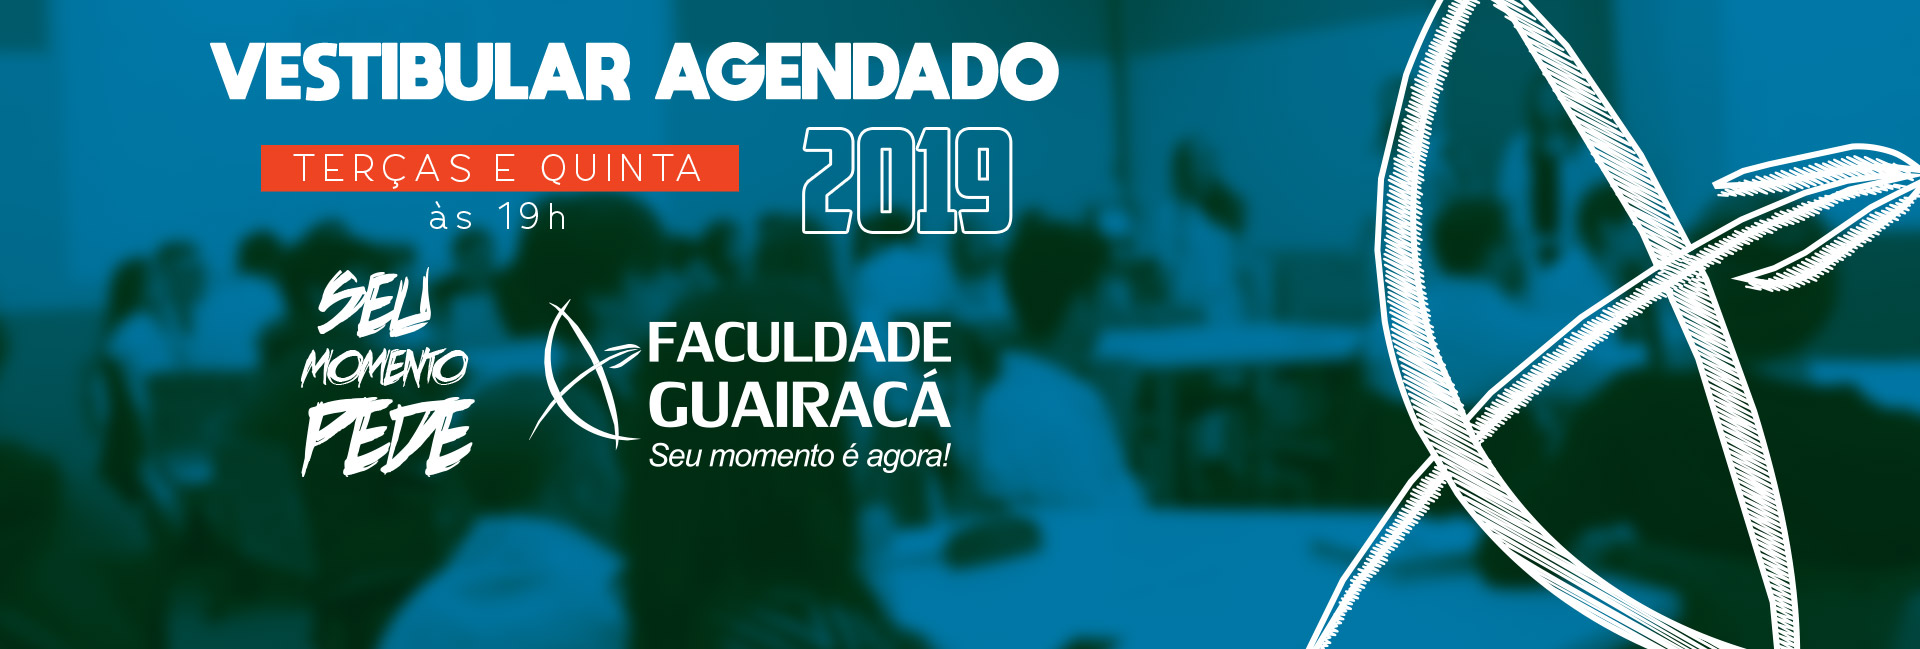 Vestibular Guairacá 2019 - Seu momento é agora.